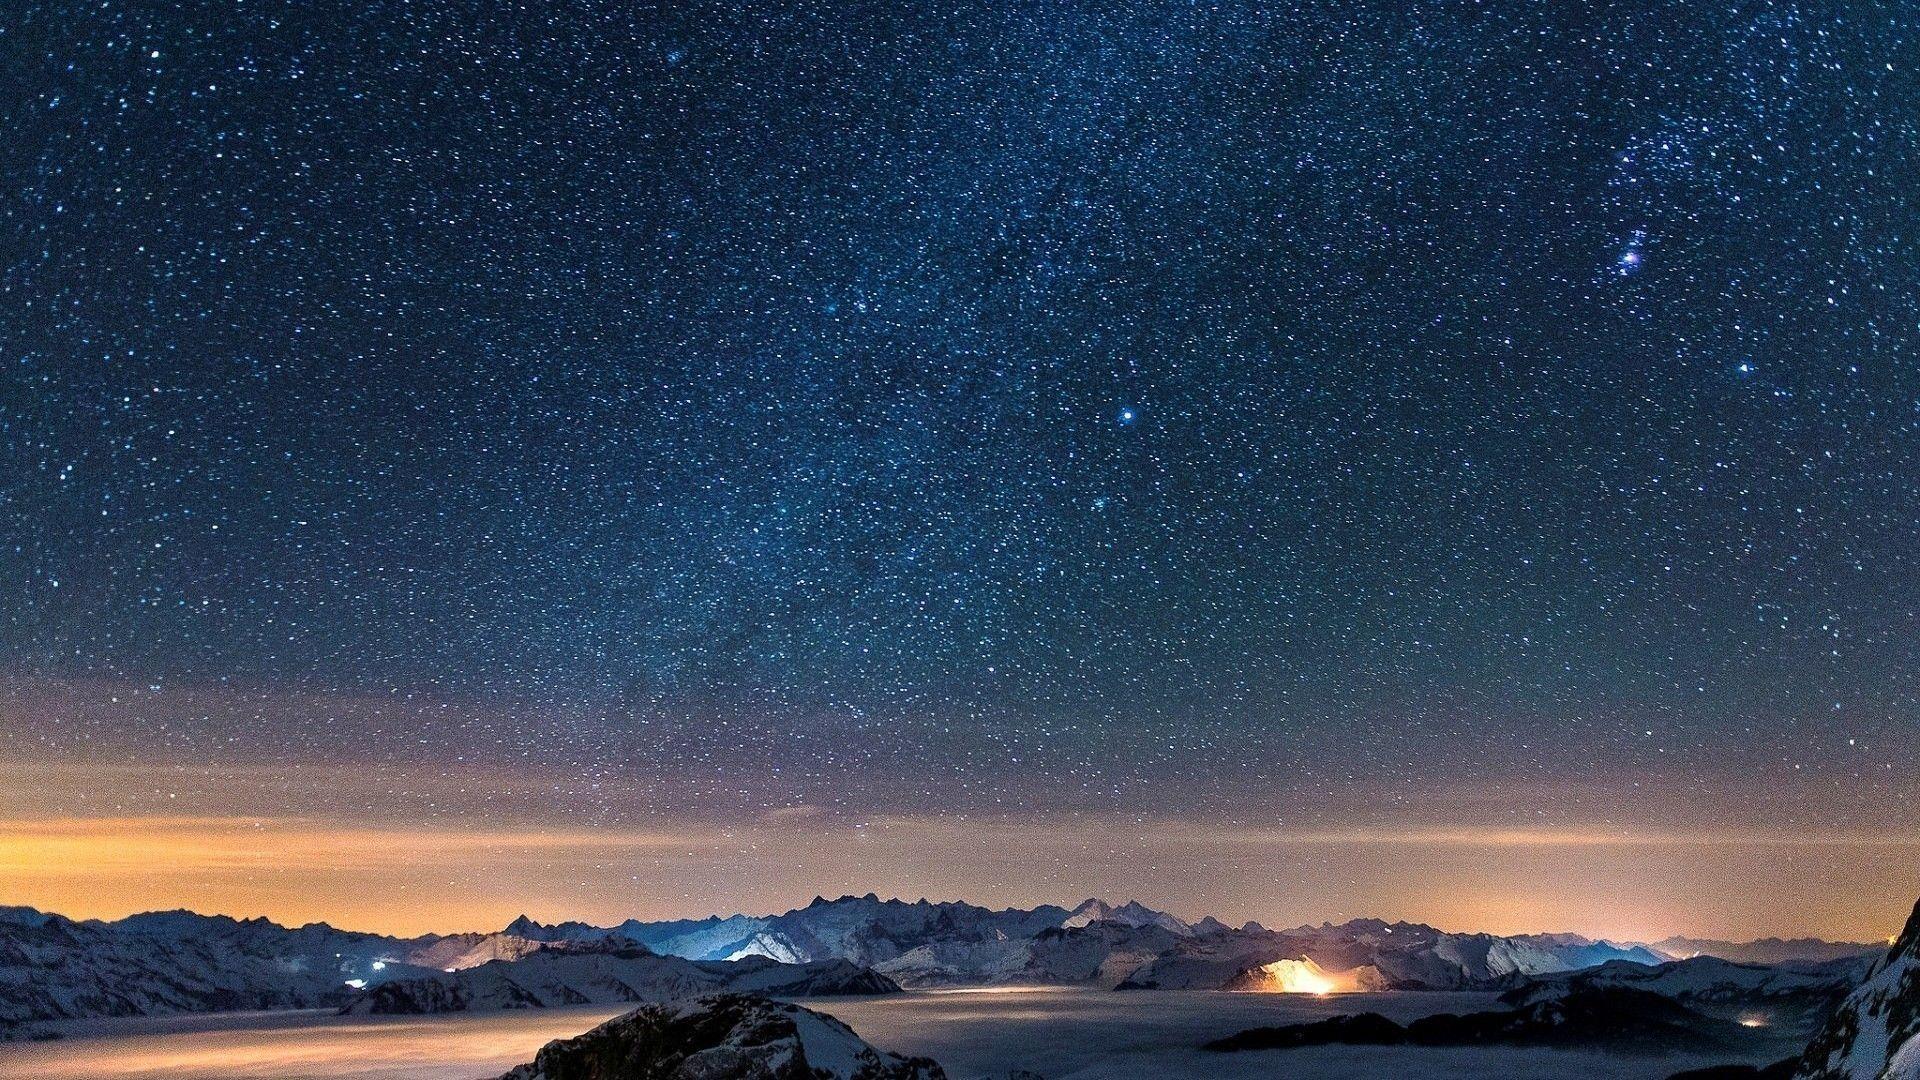 Inspirational Extra Large Desktop Backgrounds Latar Belakang Pemandangan Gambar Bergerak